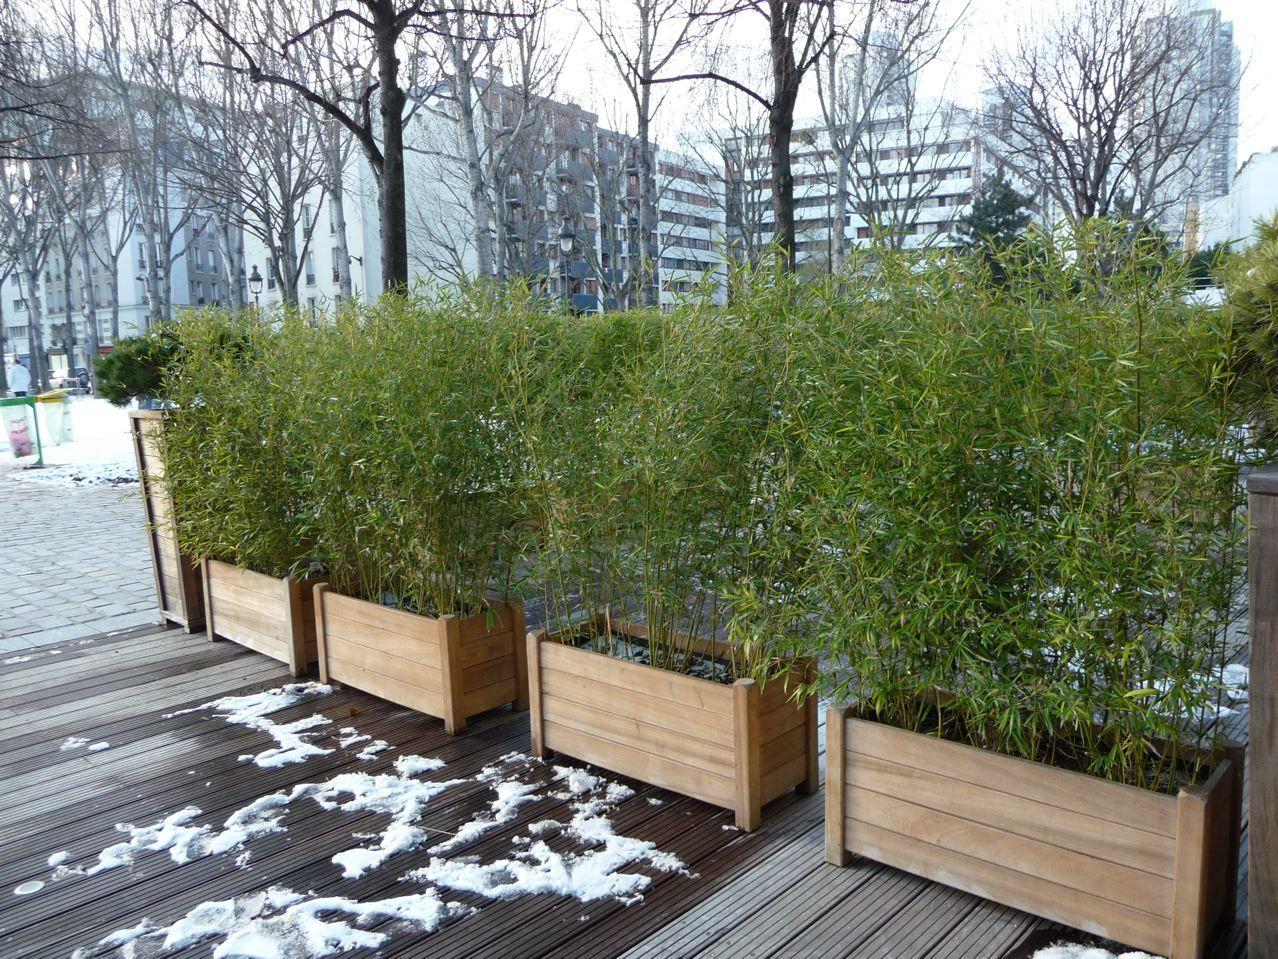 Haie Terrasse Jardin | Haie Originale Le Taillehaie En Dtail Blog ...